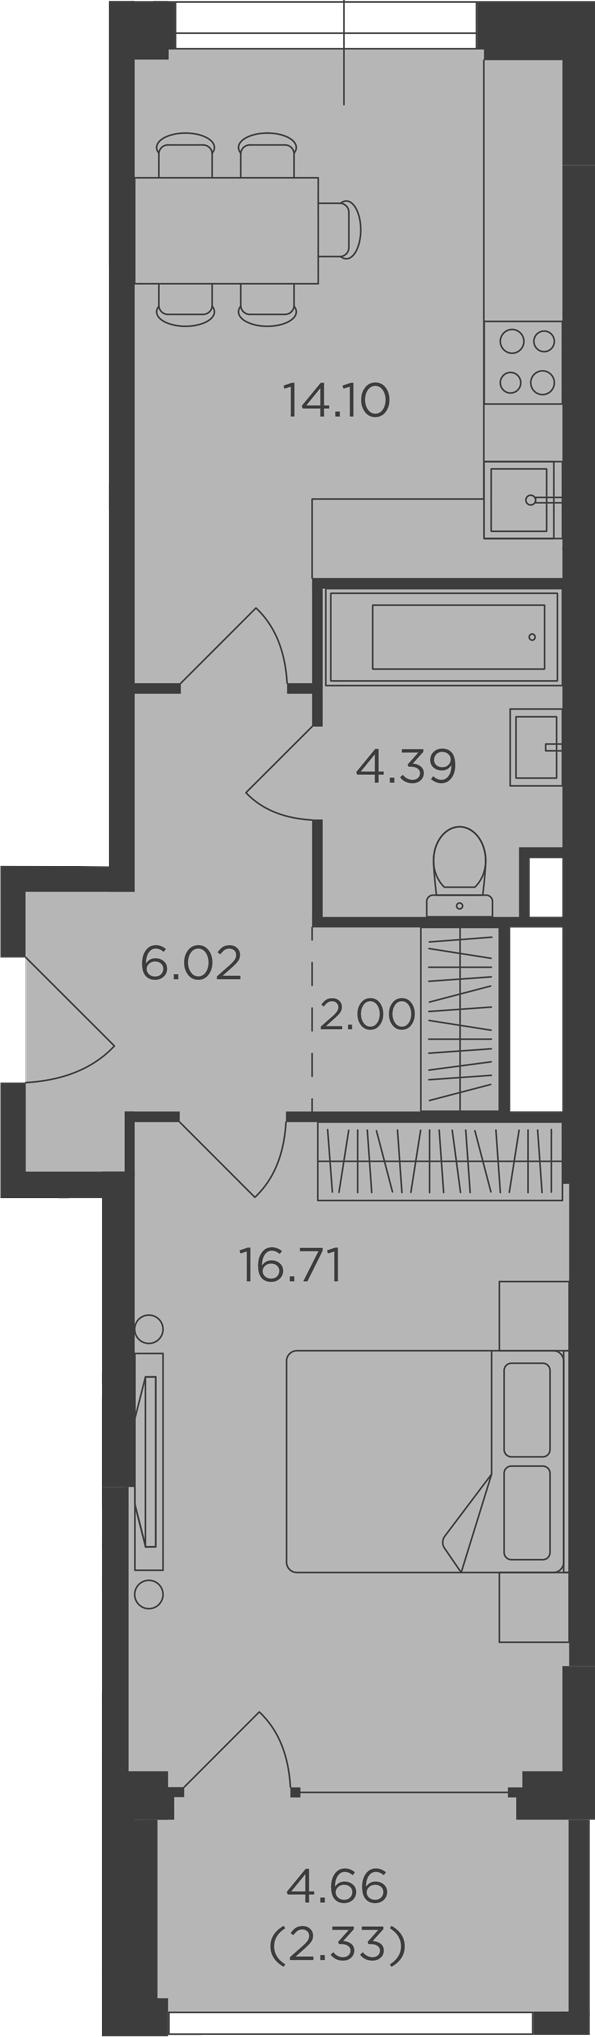 1-комнатная, 45.55 м²– 2